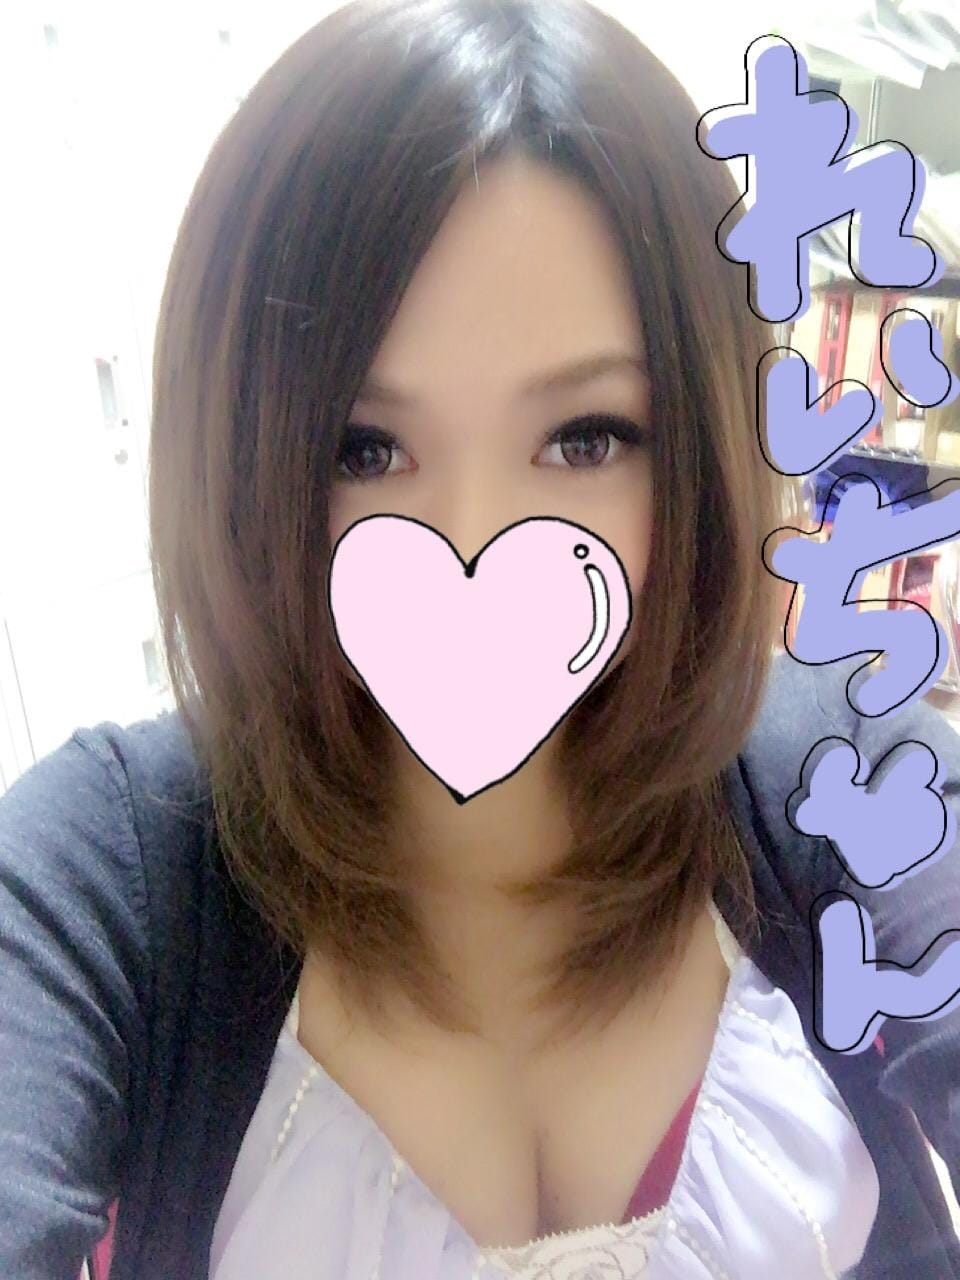 「れい」07/15(日) 19:18 | れいの写メ・風俗動画